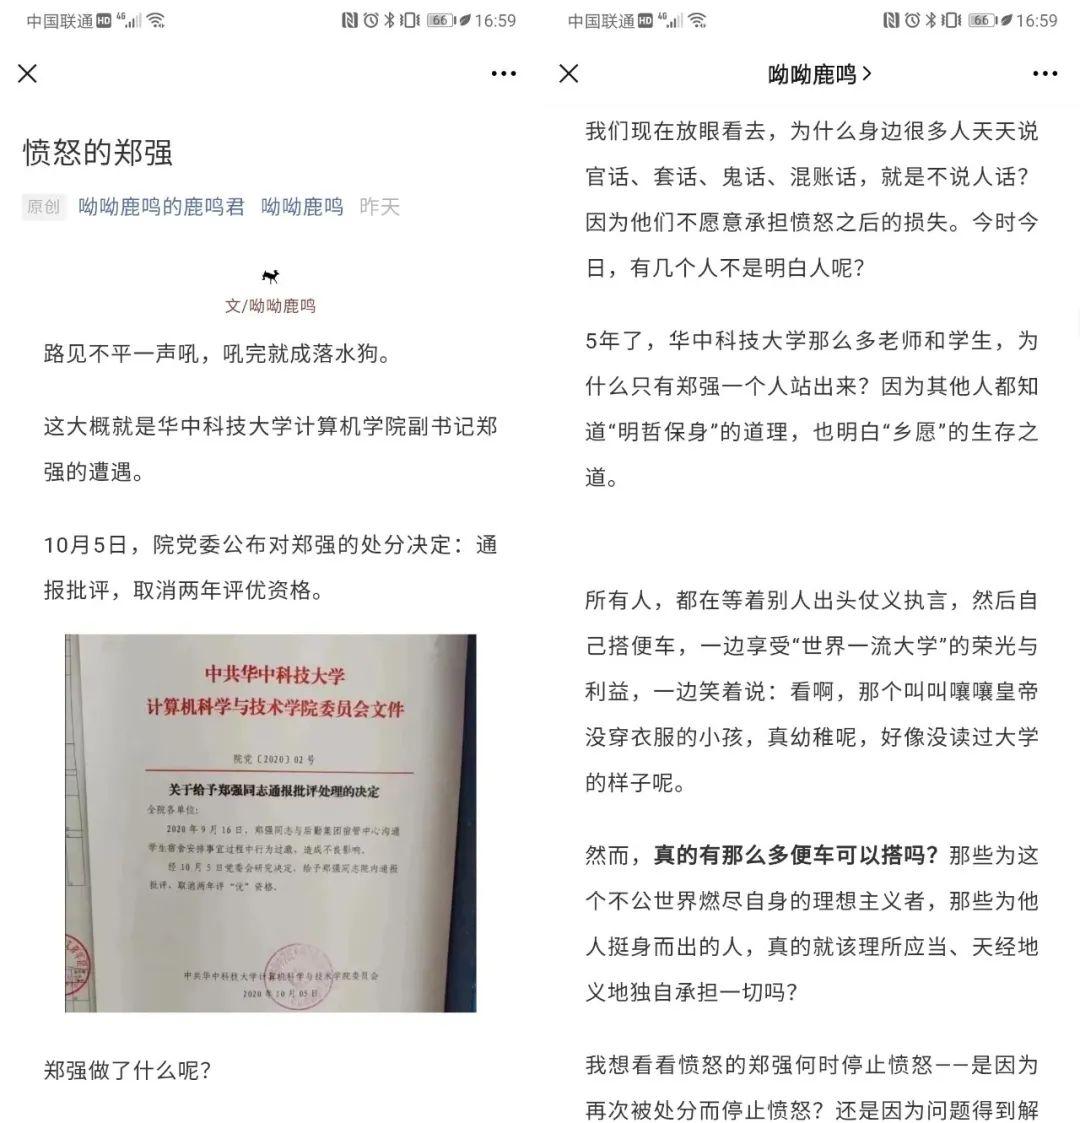 毁掉一个中国小孩有多简单?新世相一文获4486个在看 今日爆款-第2张图片-周小辉博客